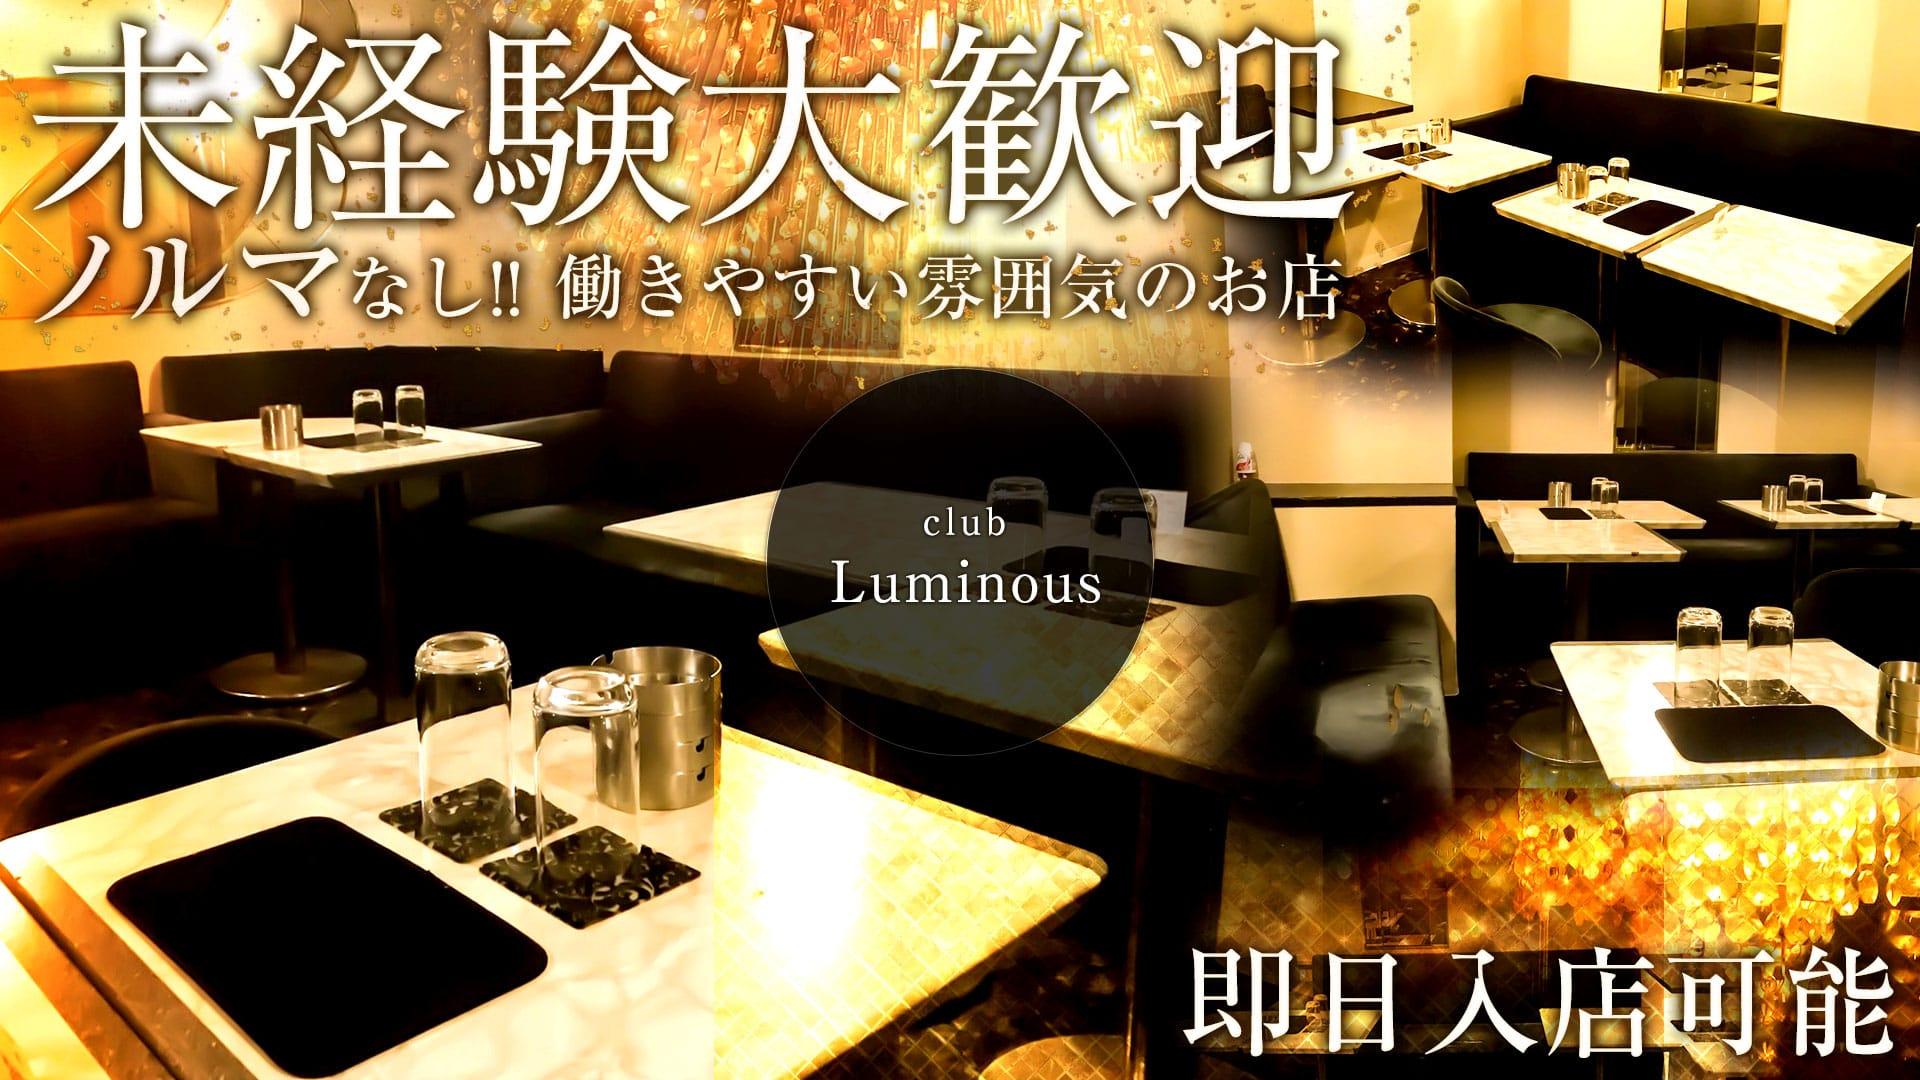 Club Luminous(クラブ ルミナス)  TOP画像